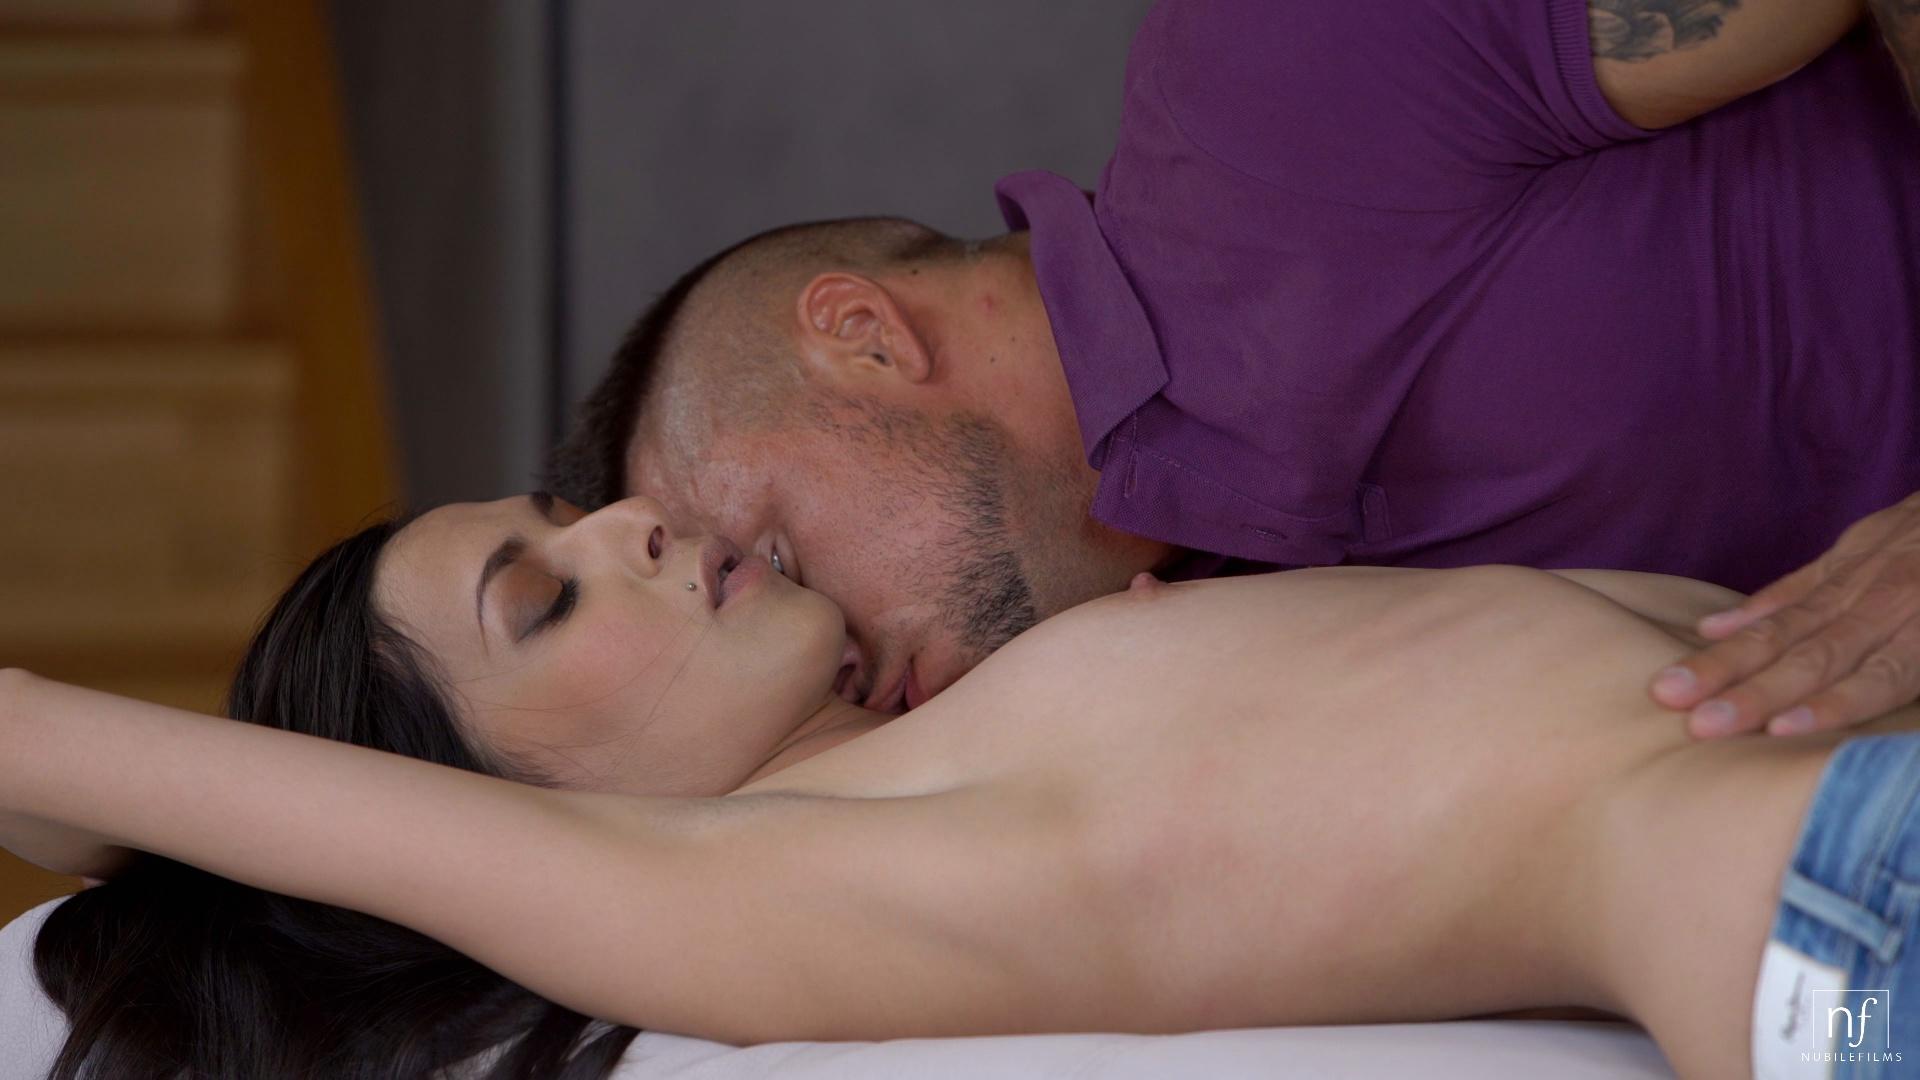 NubileFilms.com - Angelo Godshack,Ashely Ocean: Back To My Room - S30:E5